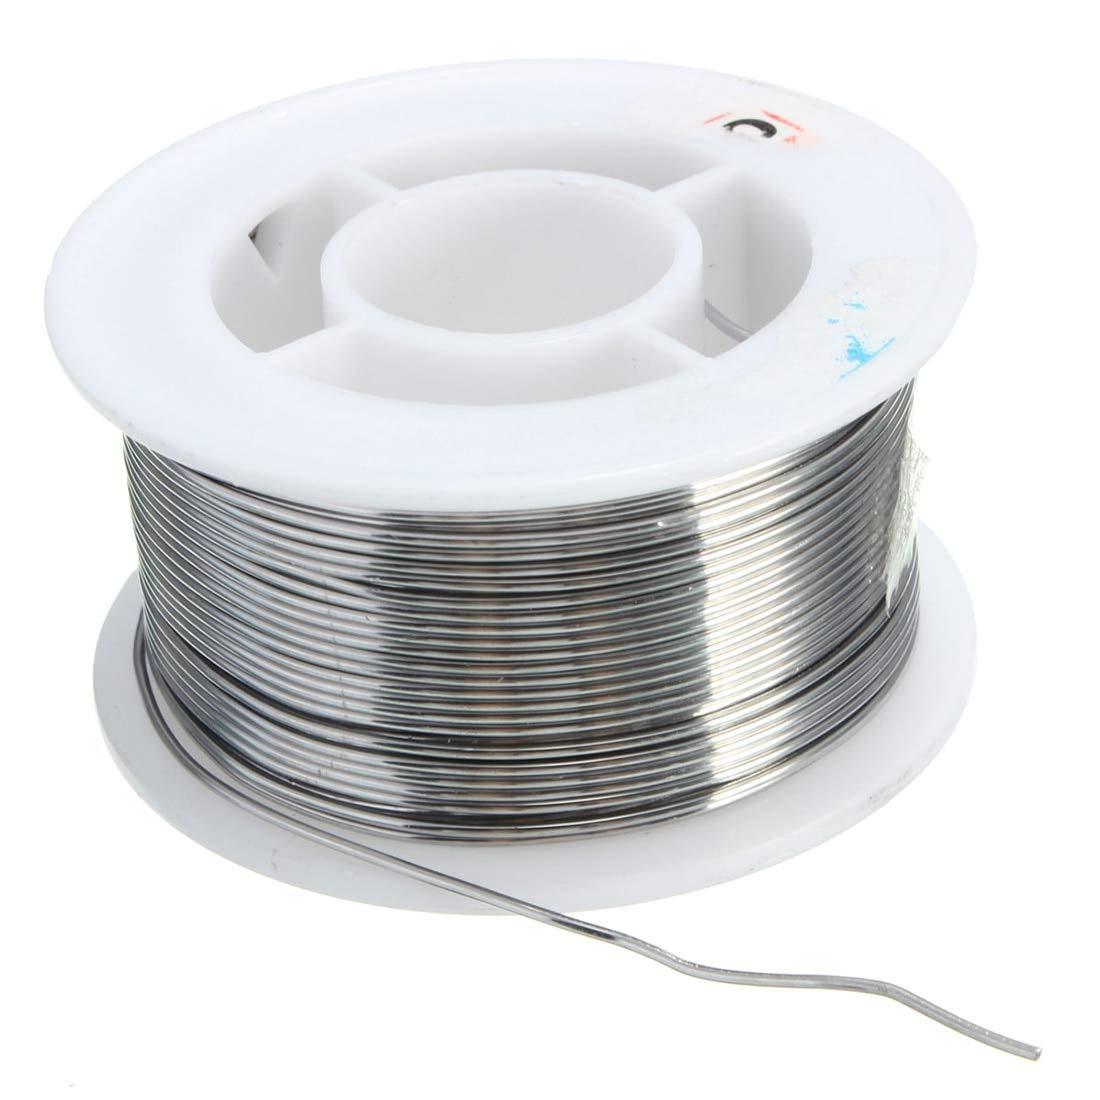 fil fil 0,8 mm soudures /étain plomb /à flux base 2/% de colophane et bricolage pour solderding bobines /électriques tubes g